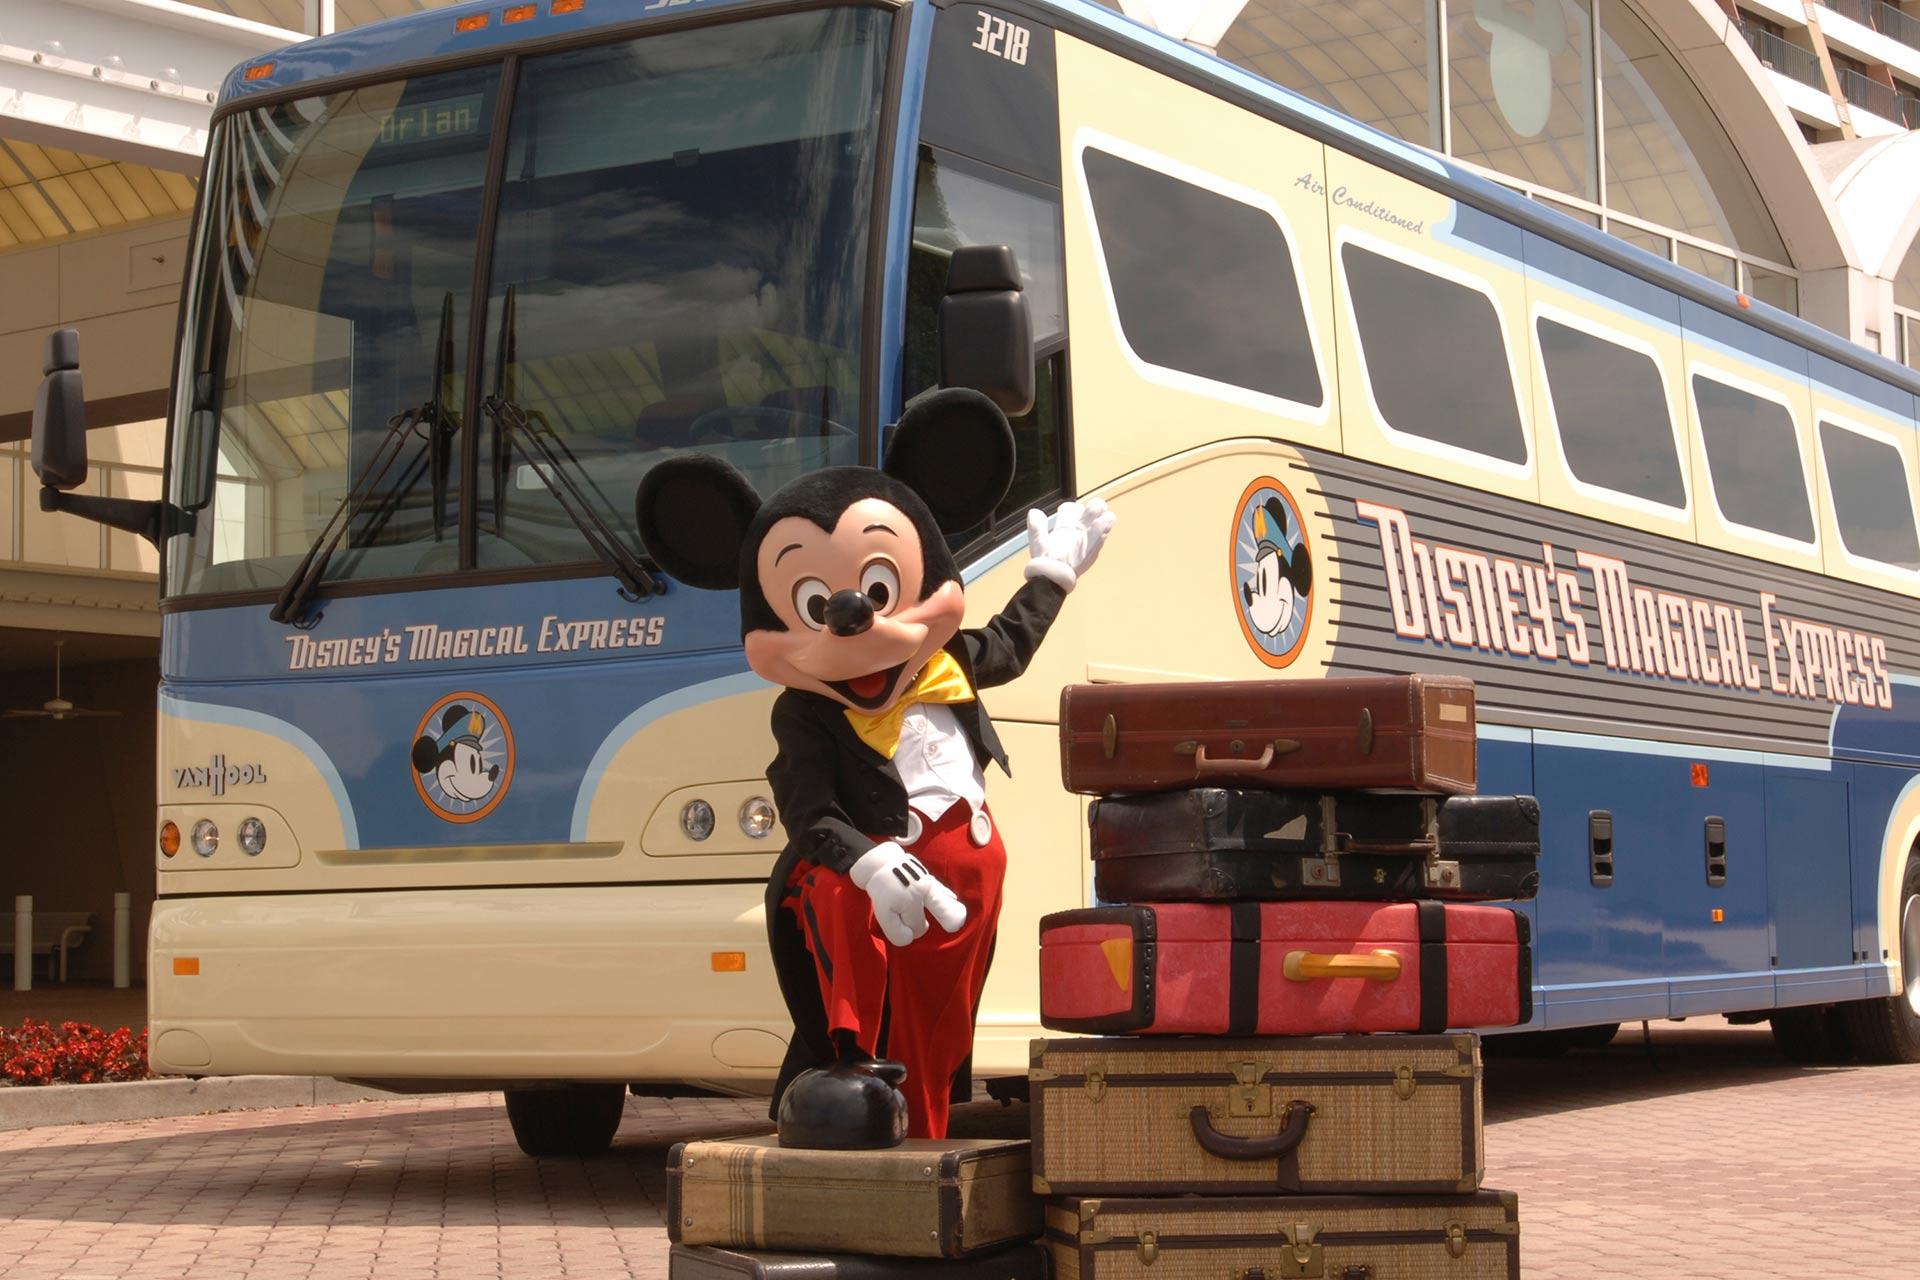 Disney's Magical Express.